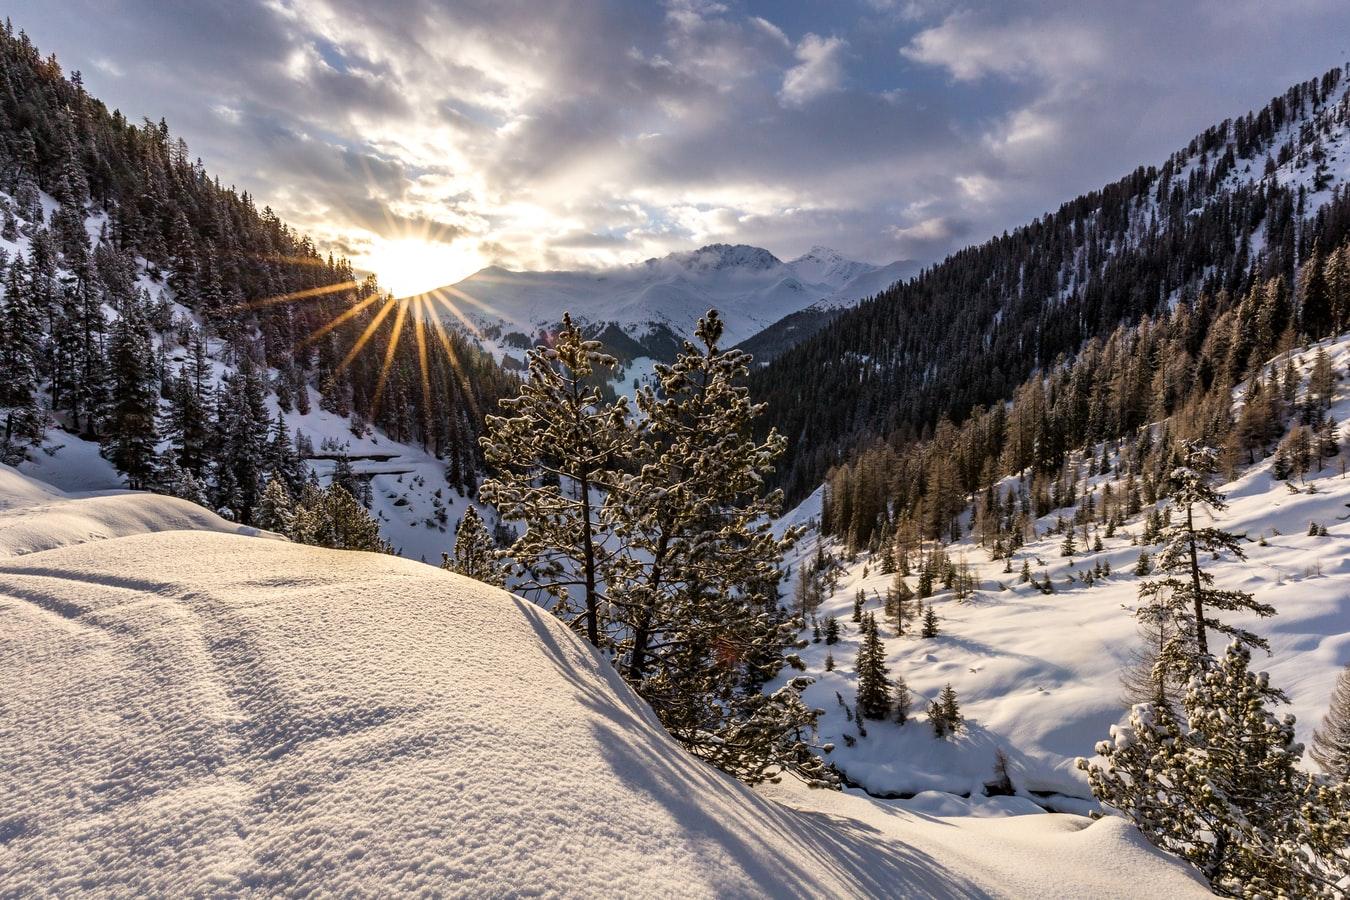 Urlaub im Schnee Schneelandschaft